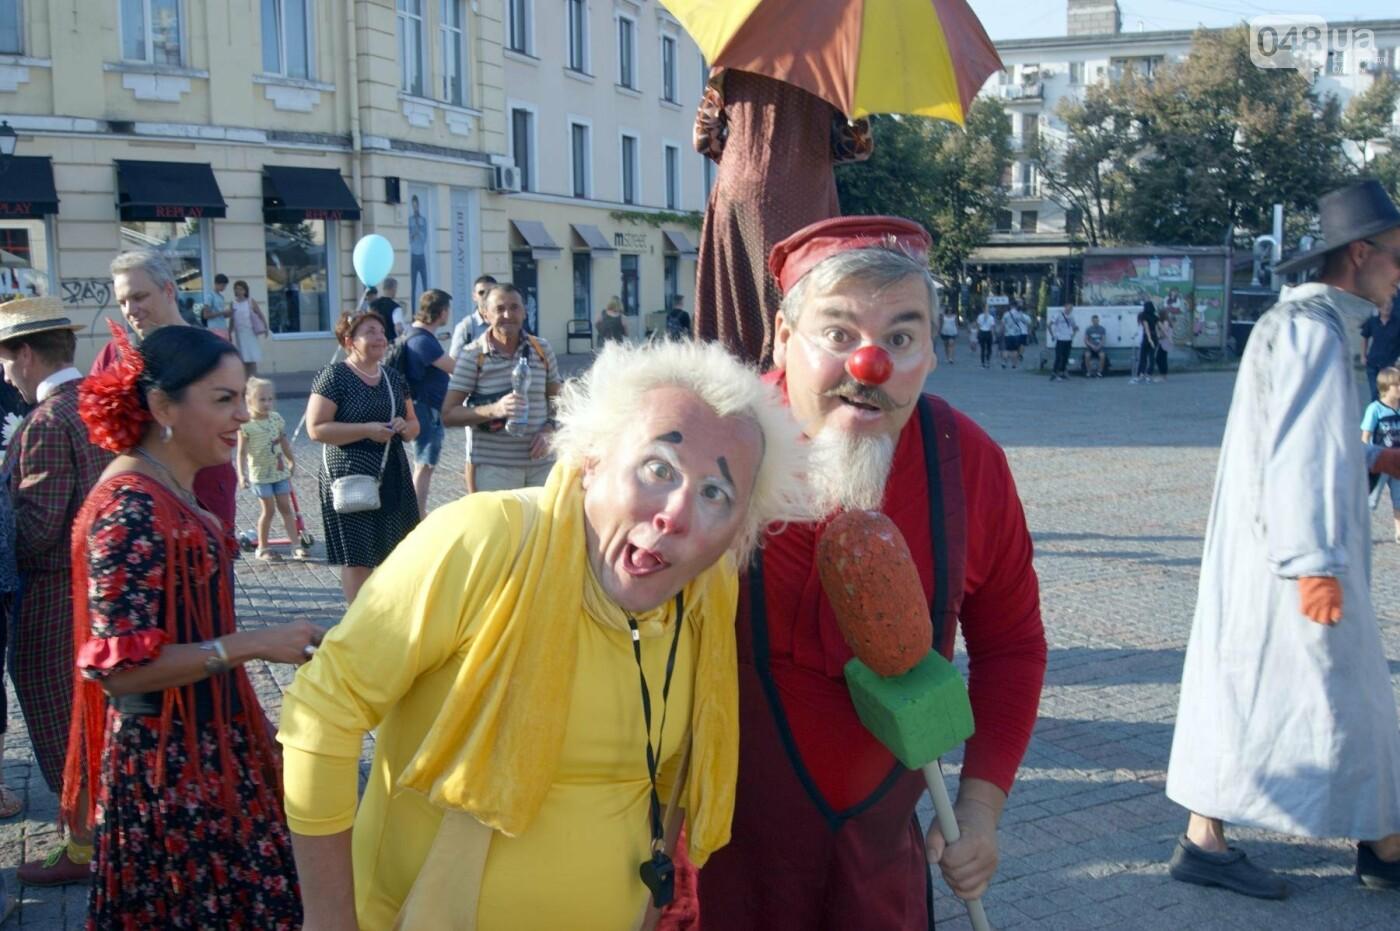 В Одессе уличные театры со всего мира провели карнавал, - ФОТО, ВИДЕО, фото-3